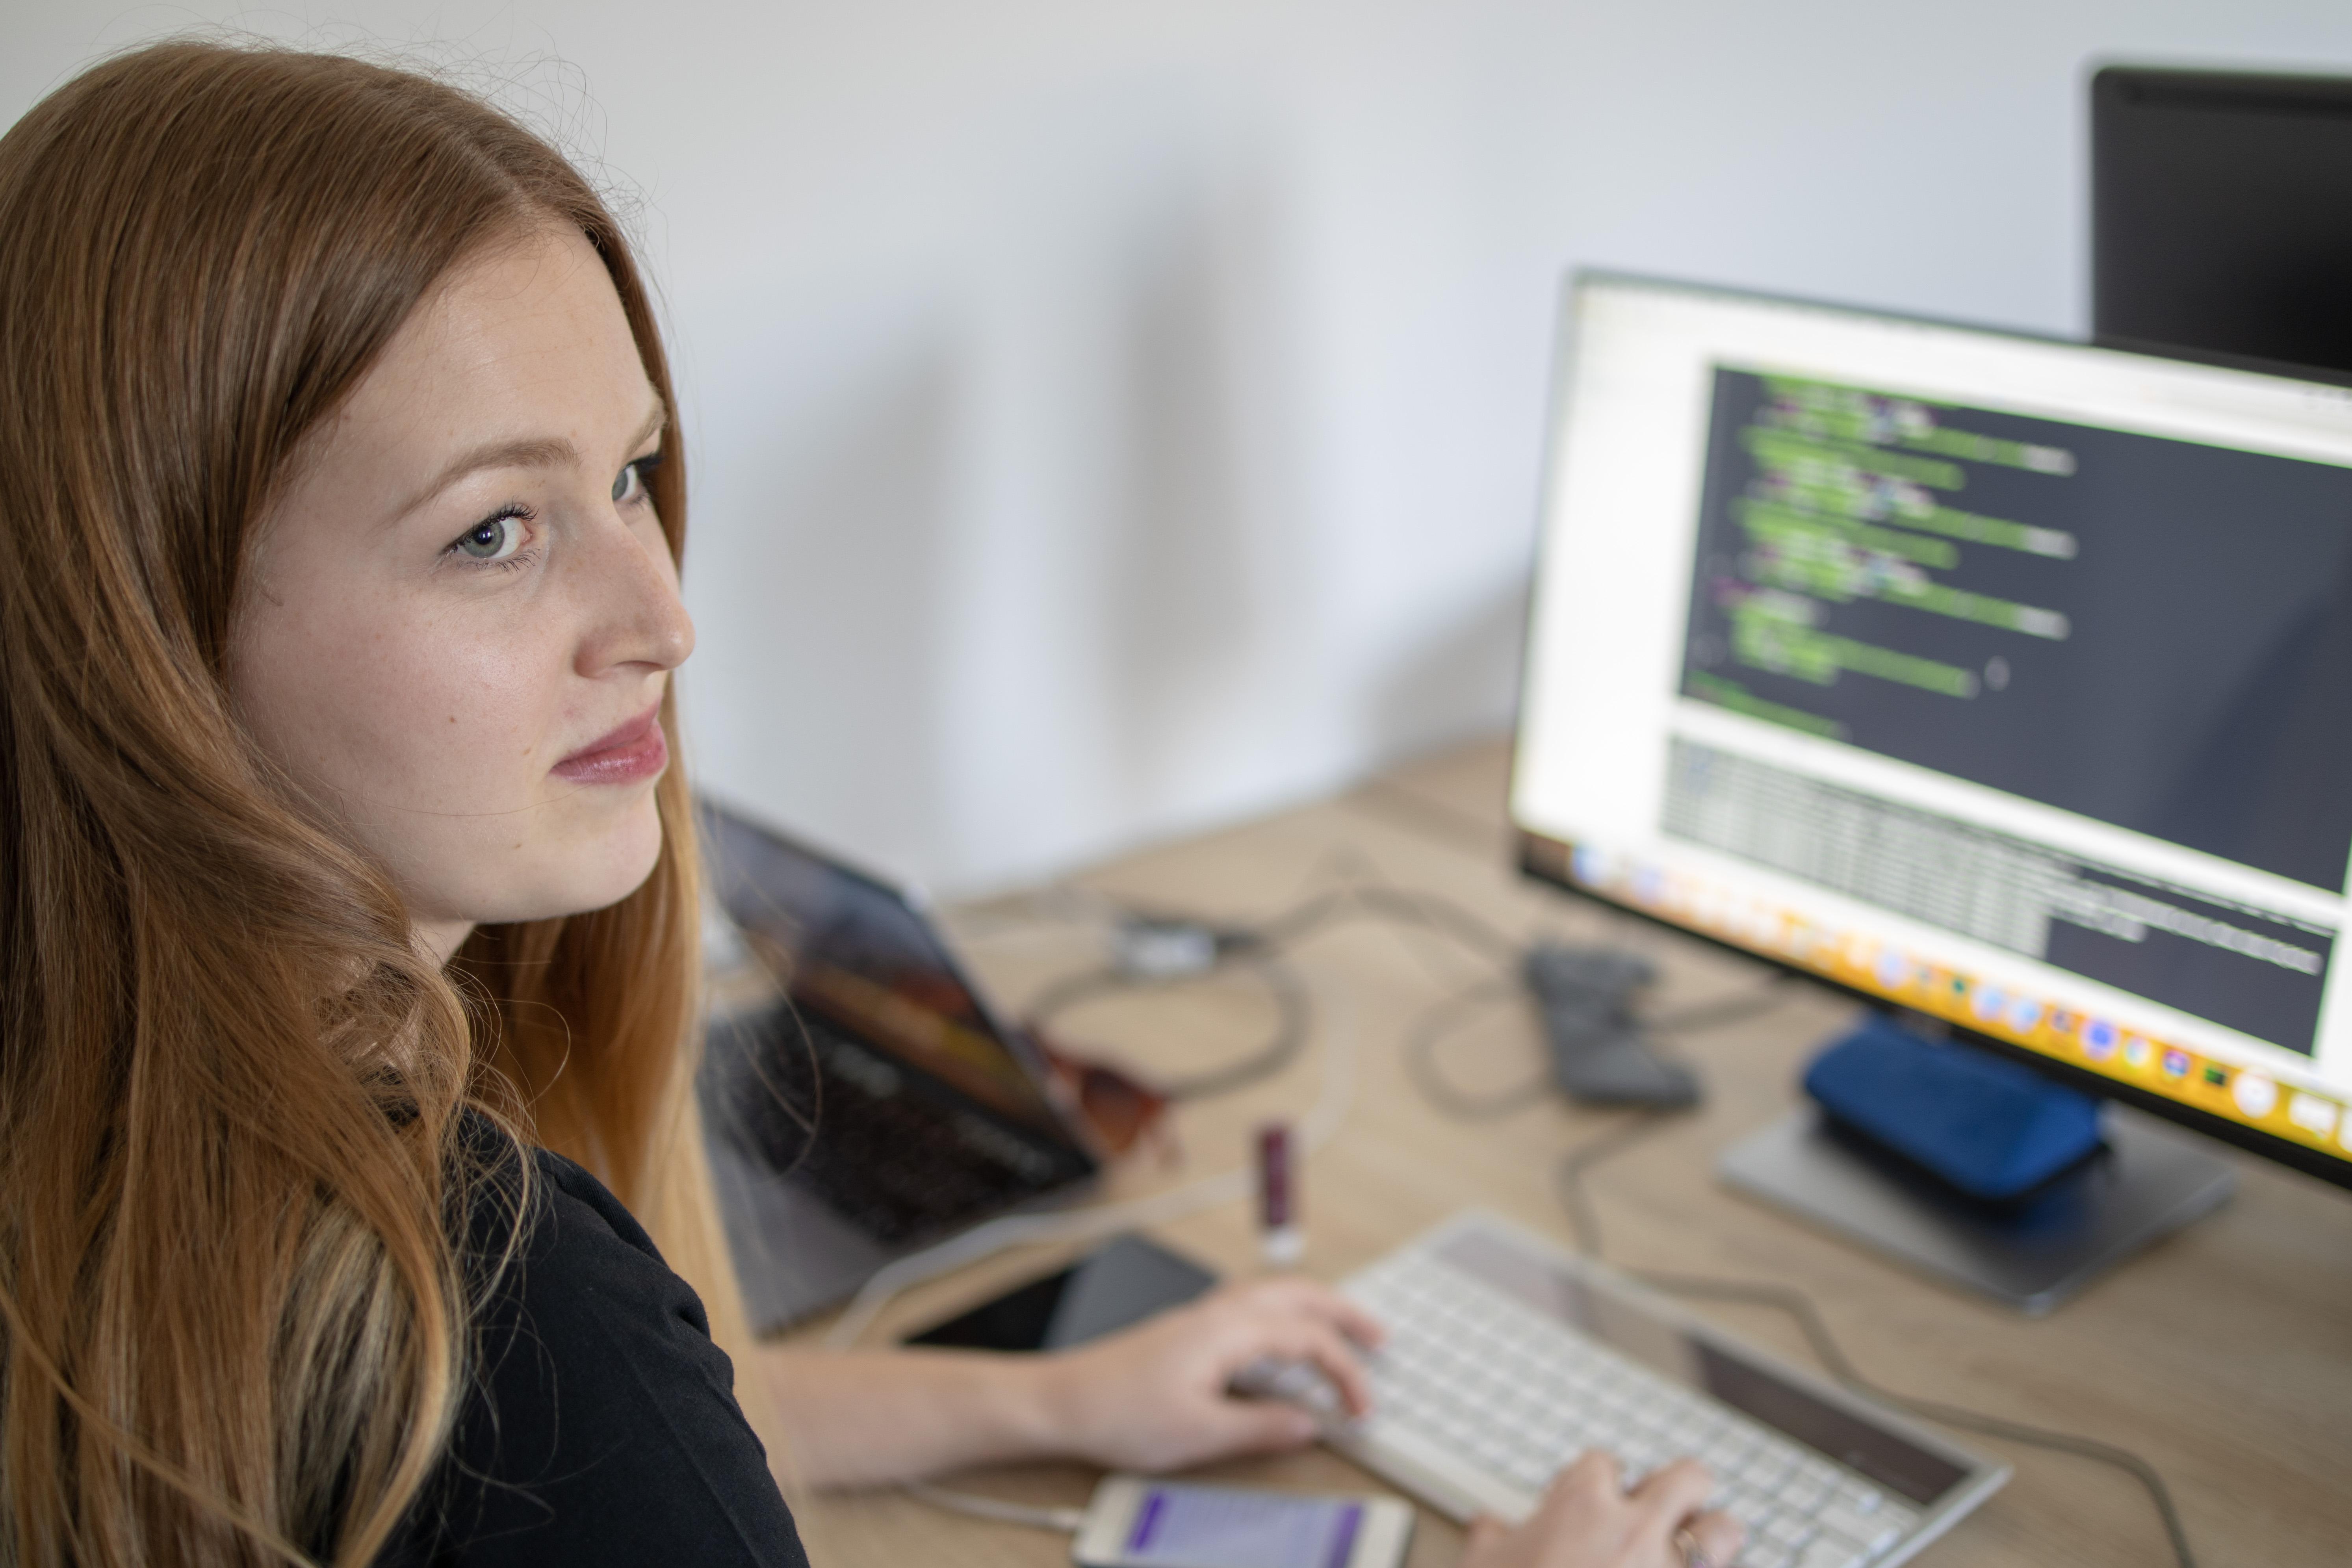 """""""Na nič sa nehrám a hlavne zostávam ženou,"""" tvrdí programátorka Lenka, ktorá pracuje v čisto mužskom kolektíve"""